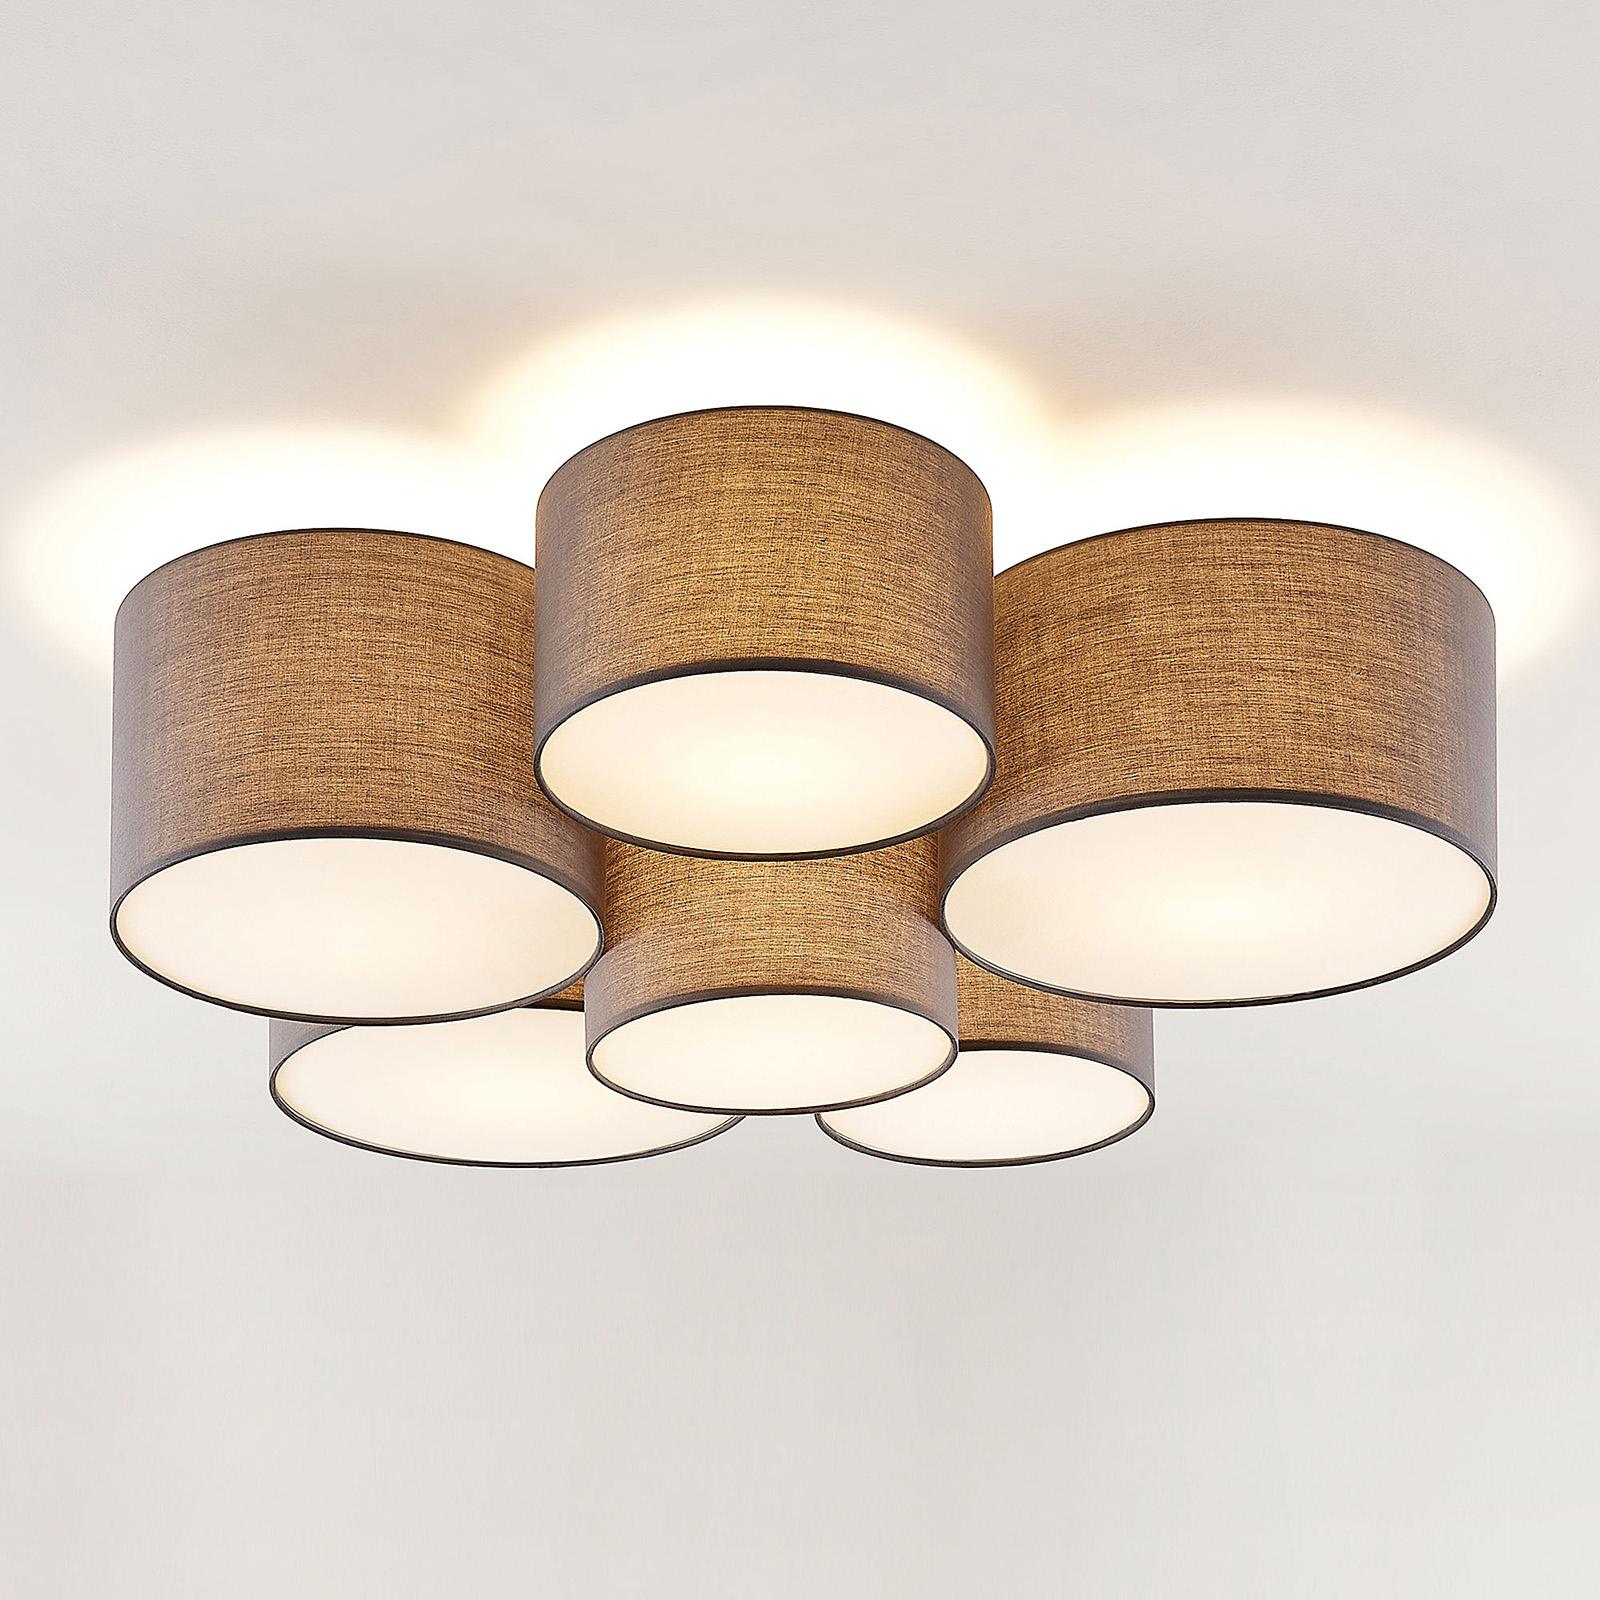 Lindby Laurenz taklampa, 6 lampor, grå